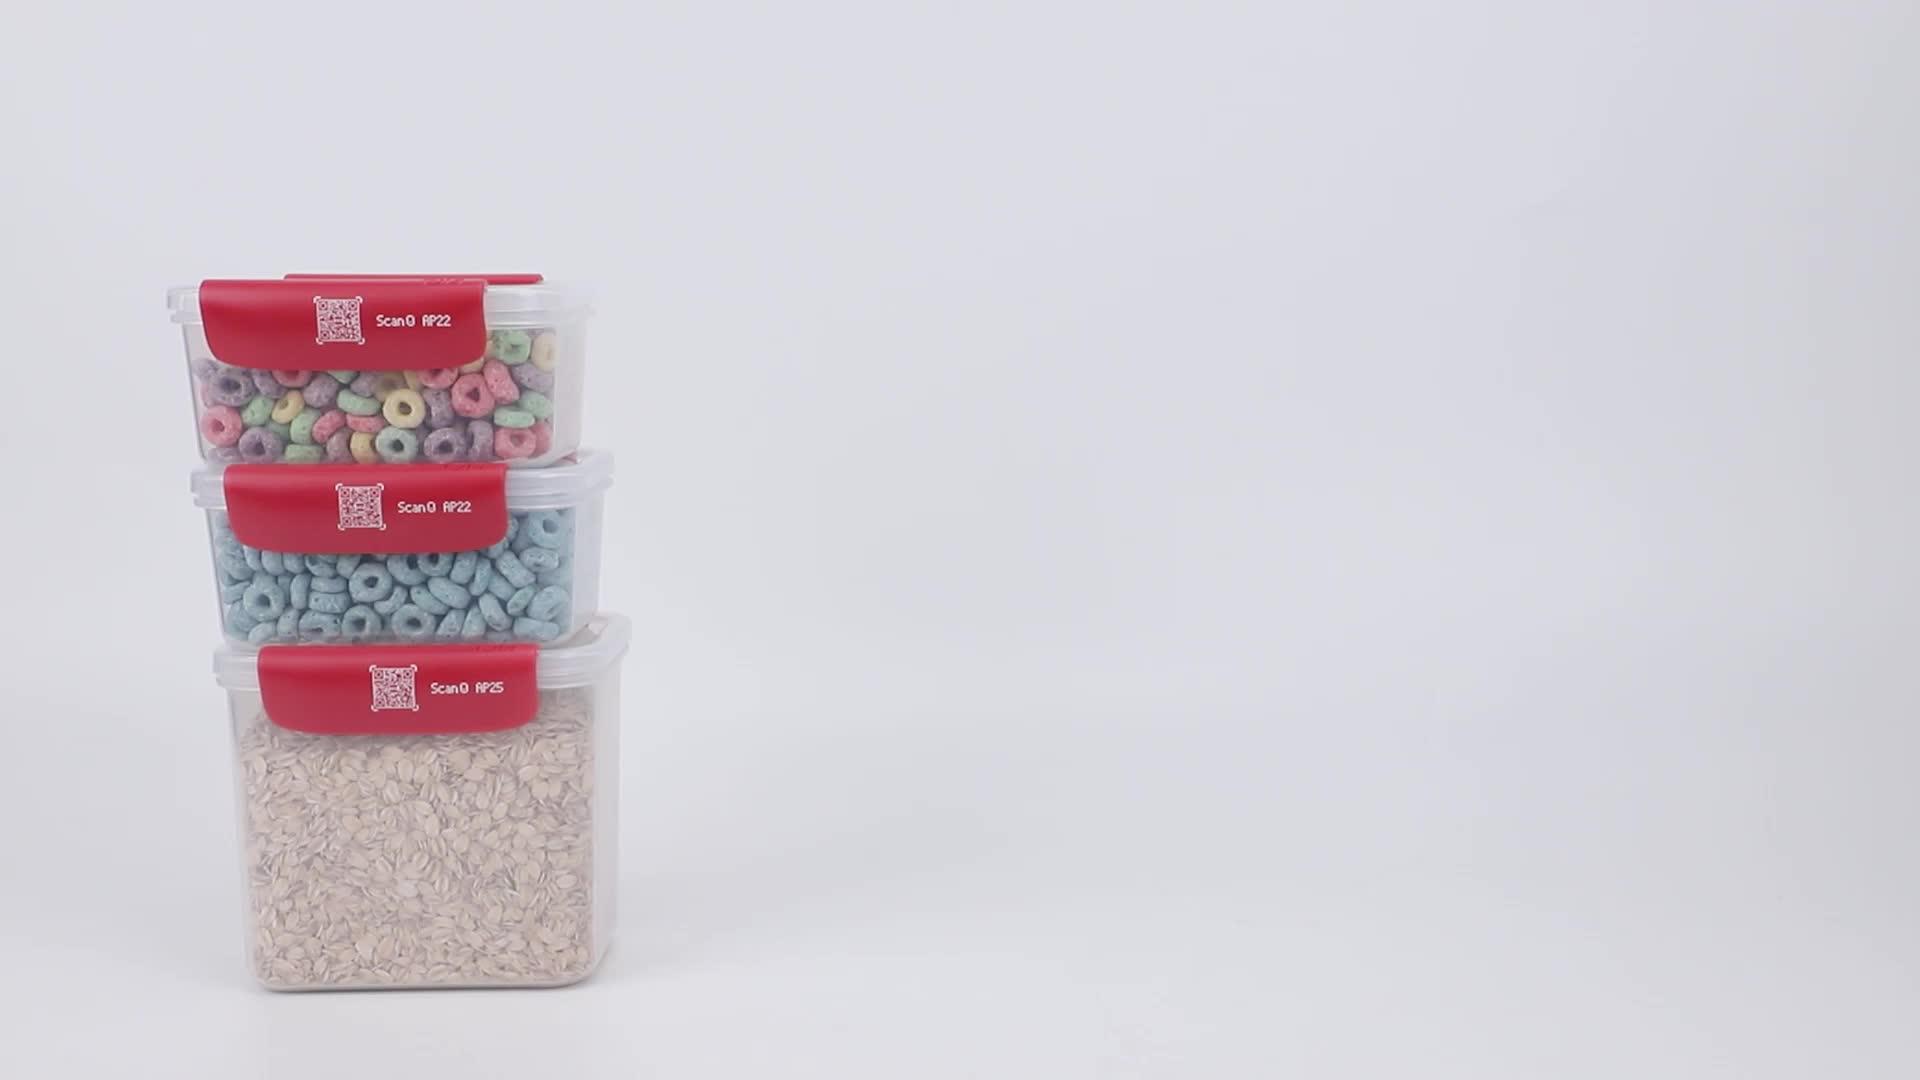 4pcs डिस्काउंट सस्ते स्मार्ट Stackable पेंट्री लाल ढक्कन के साथ वायुरोधी प्लास्टिक खाद्य भंडारण कंटेनर सेट